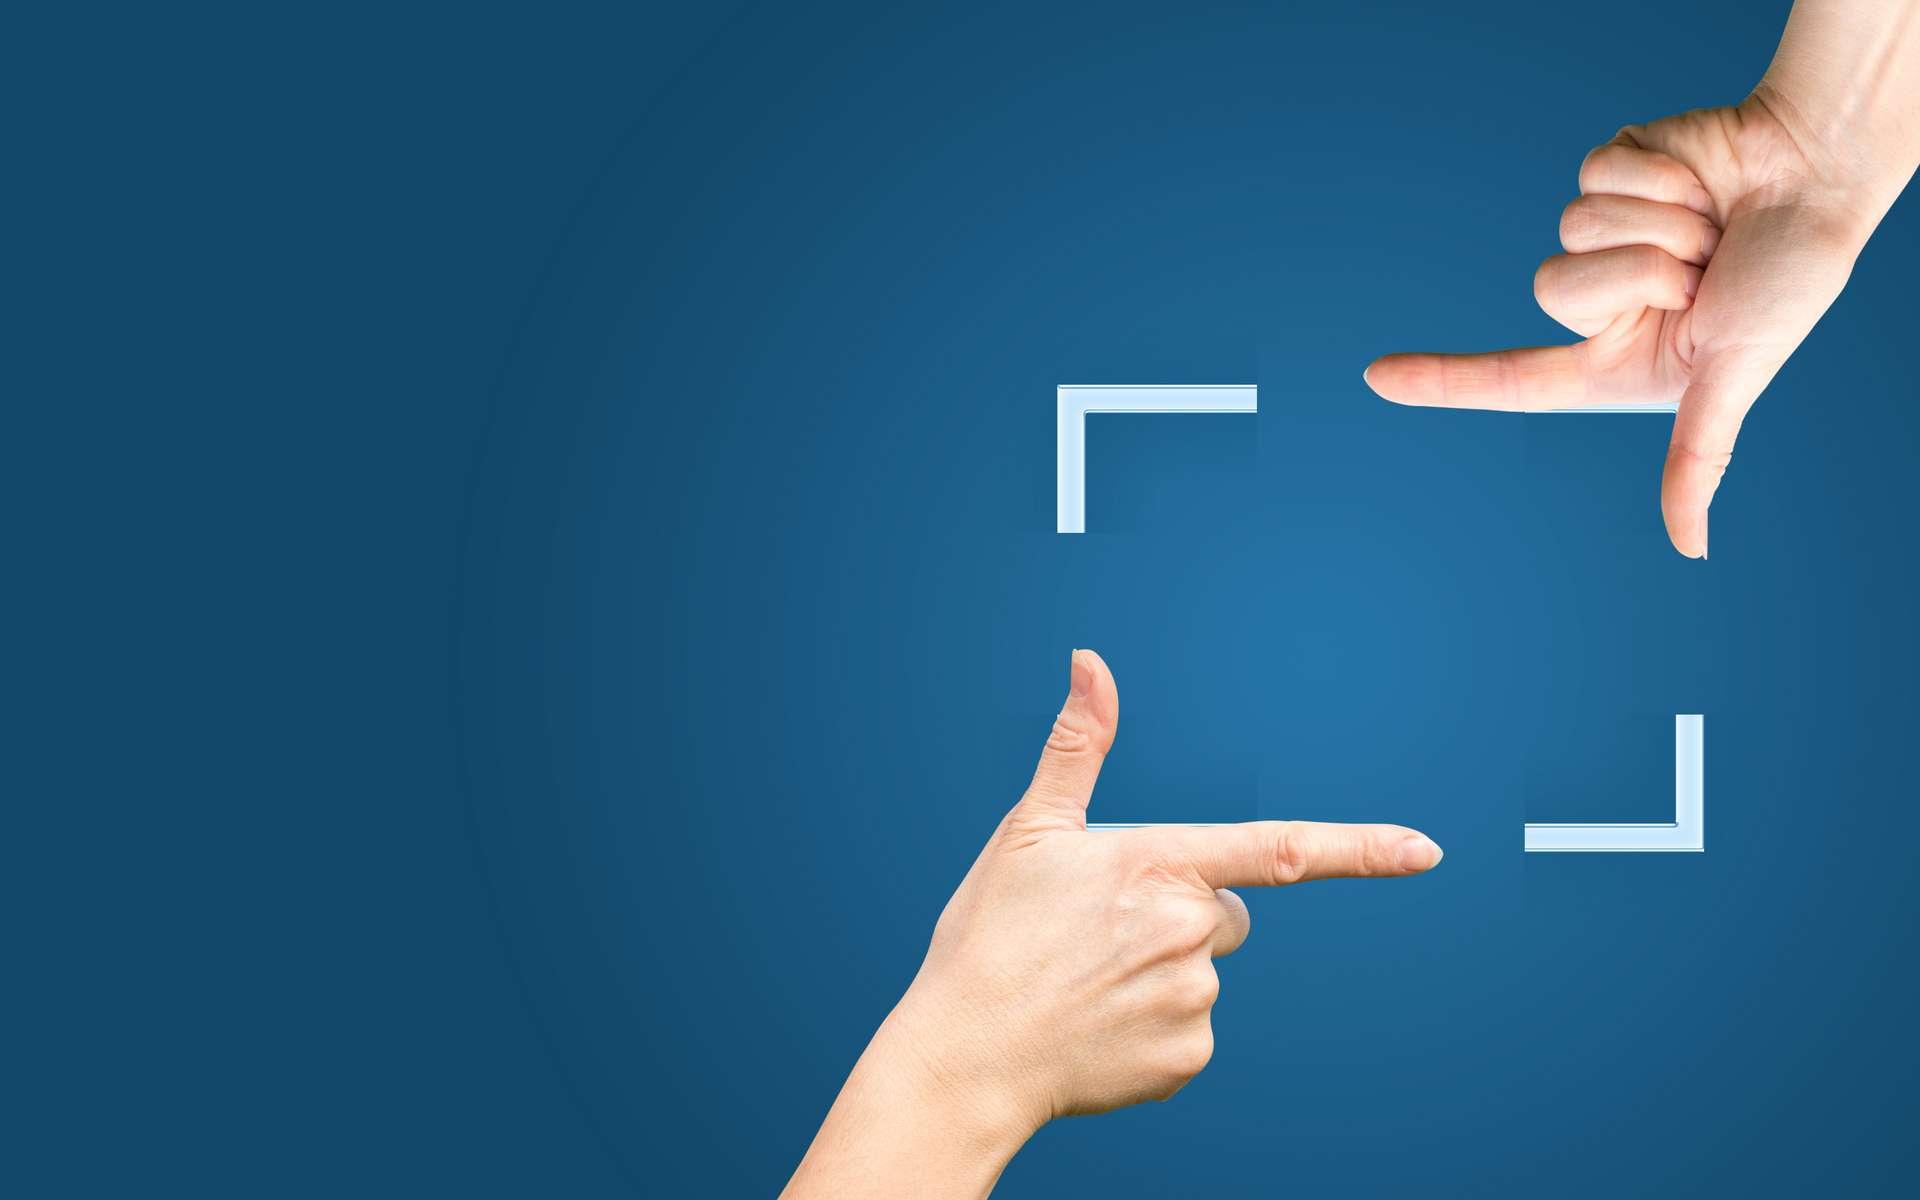 Pour la capture d'une fenêtre, maintenir la touche Alt enfoncée et d'appuyer sur Impr. Ecr. © natali_mis, Adobe Stock